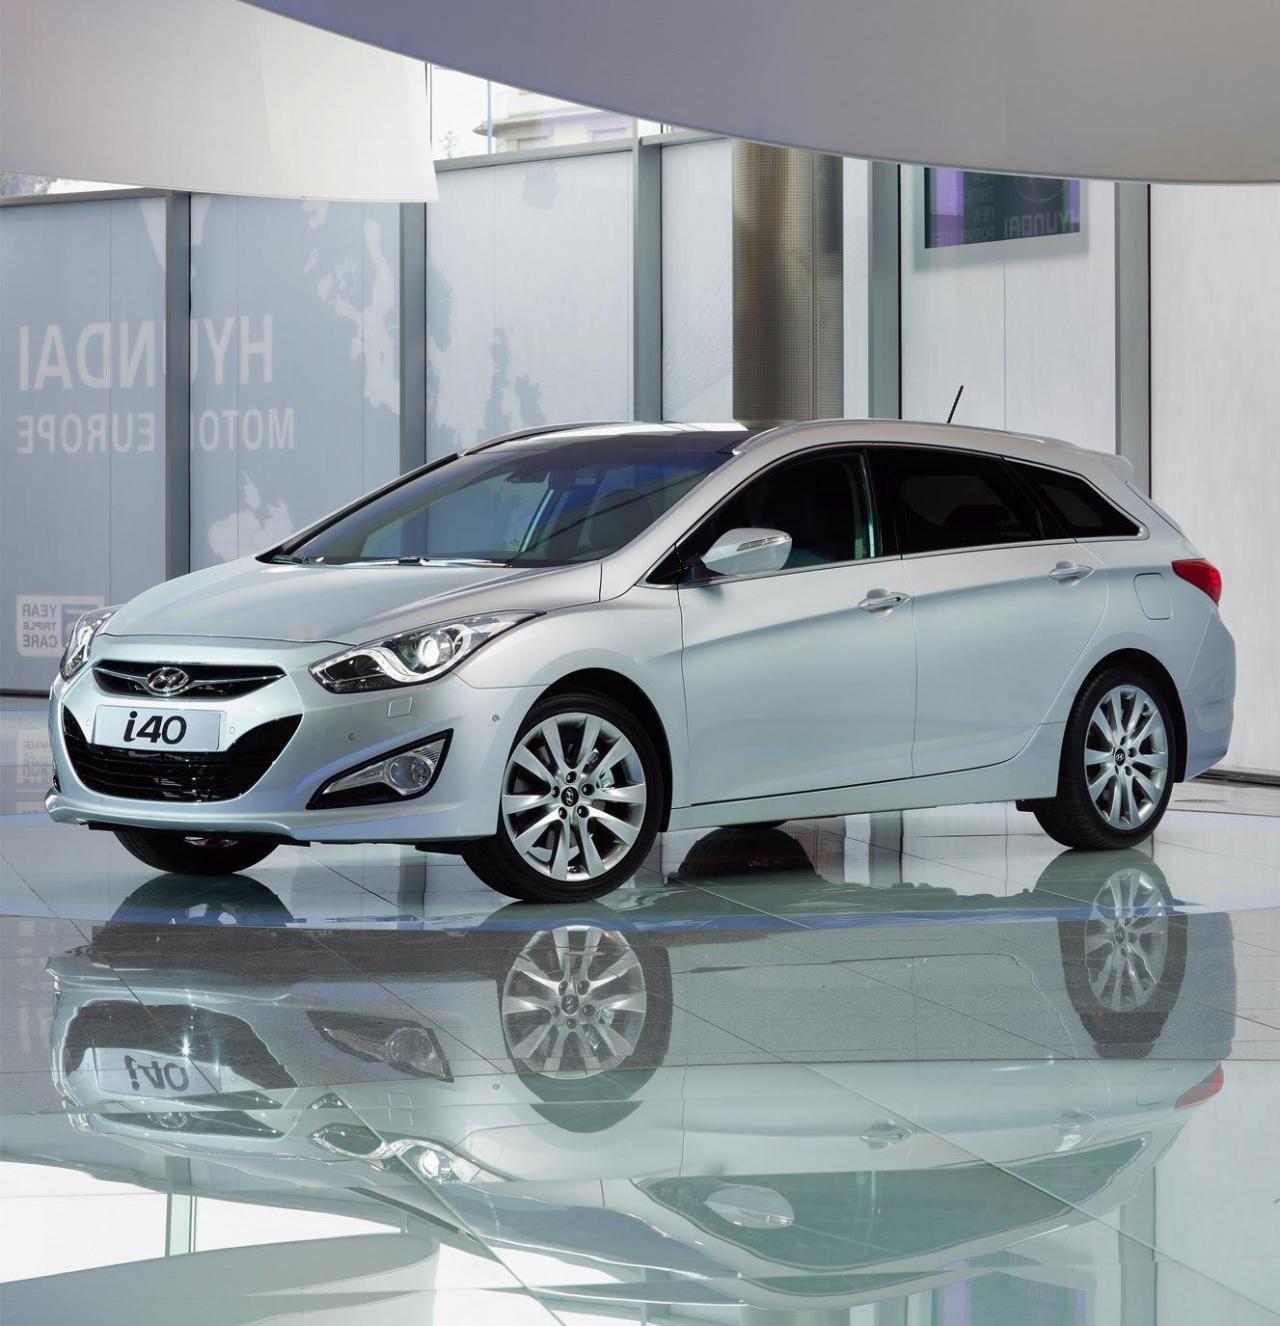 2012 Hyundai I40 Hyundai Car Lease Hyundai Cars